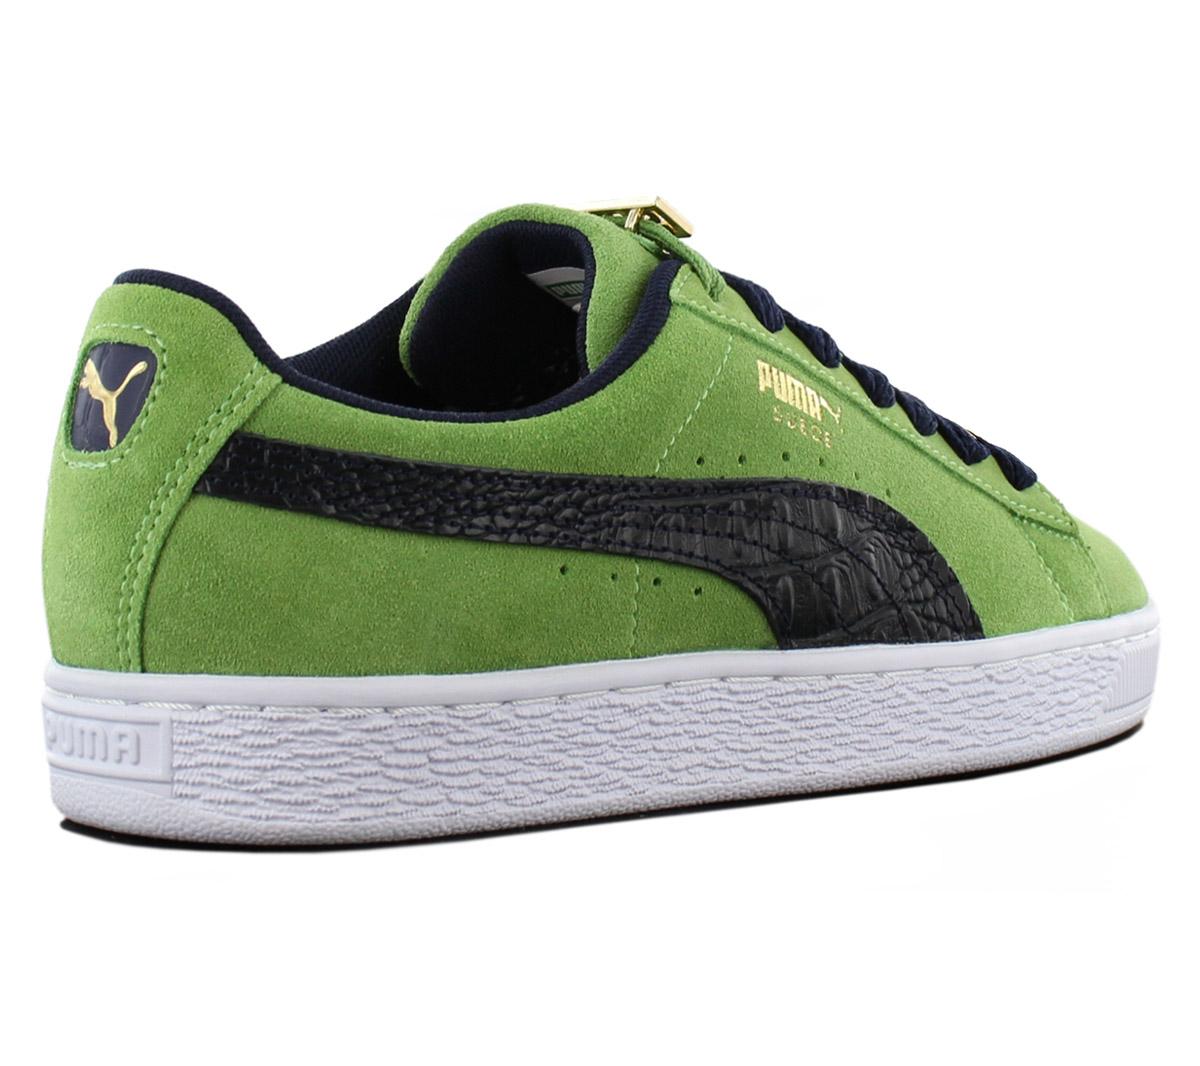 0a242e0d991 NEW Puma Suede Classic B-Boy Fabulous 365362-03 Men´s Shoes Trainers ...